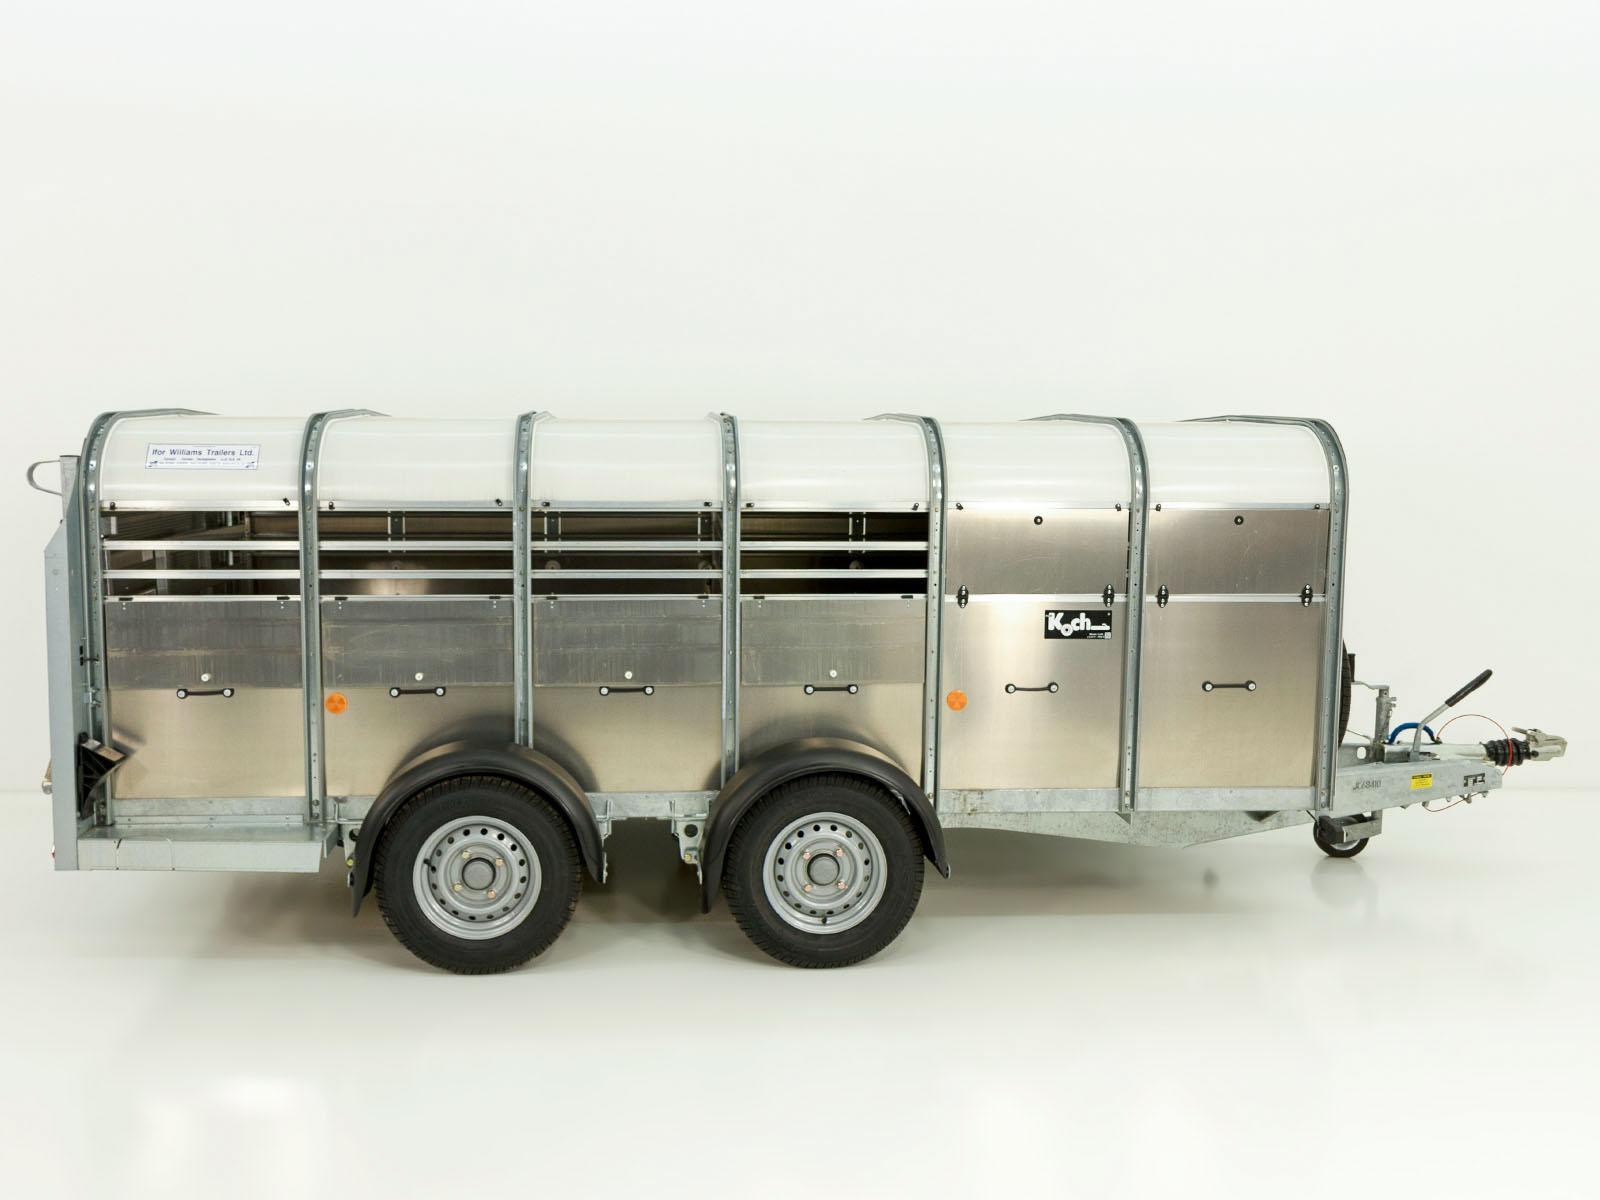 Sonstige-Viehanhaenger-Pferdetransporter-Viehanhaenger-TA5-156x372cm-Hoehe-120cm-2-7t-Ifor-Williams_0658_03CibMUtOMu0qyS.jpg